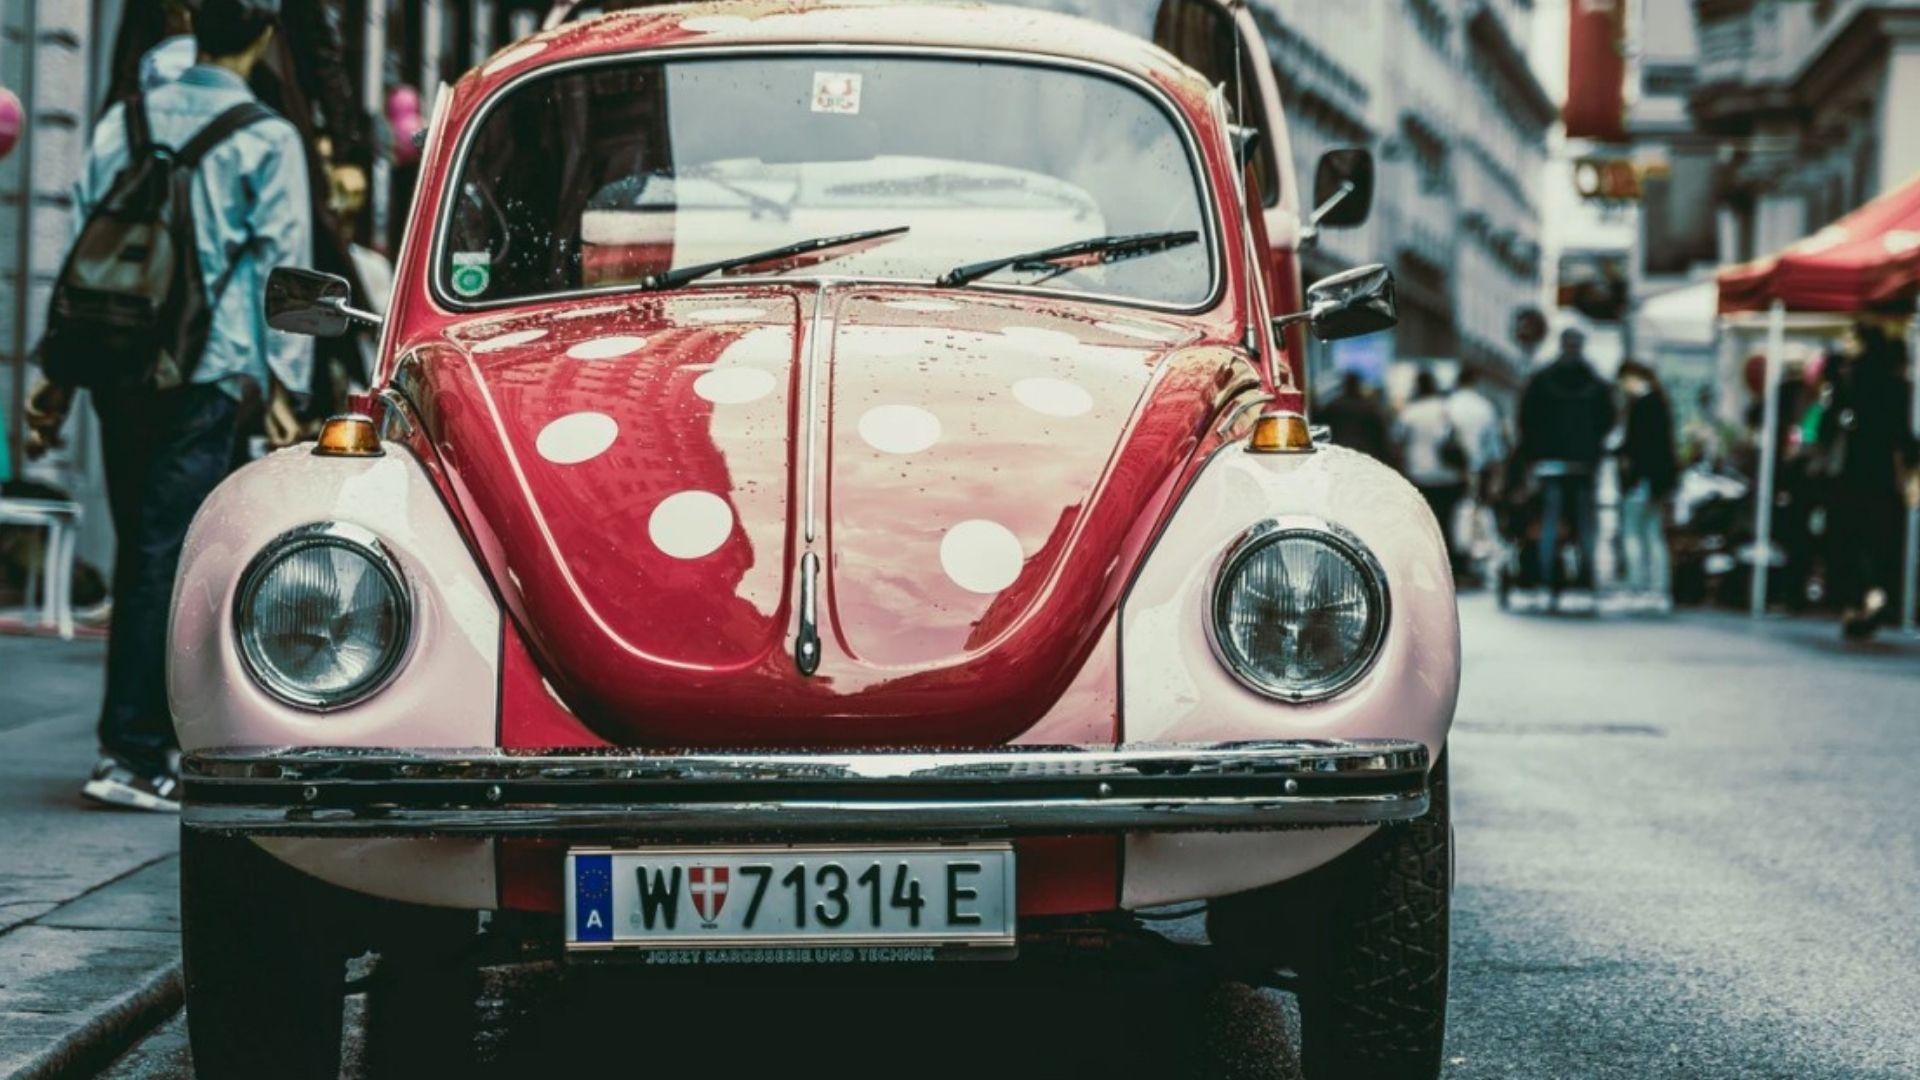 自動車保険/おすすめ/比較/人気/ランキングアイキャッチ画像